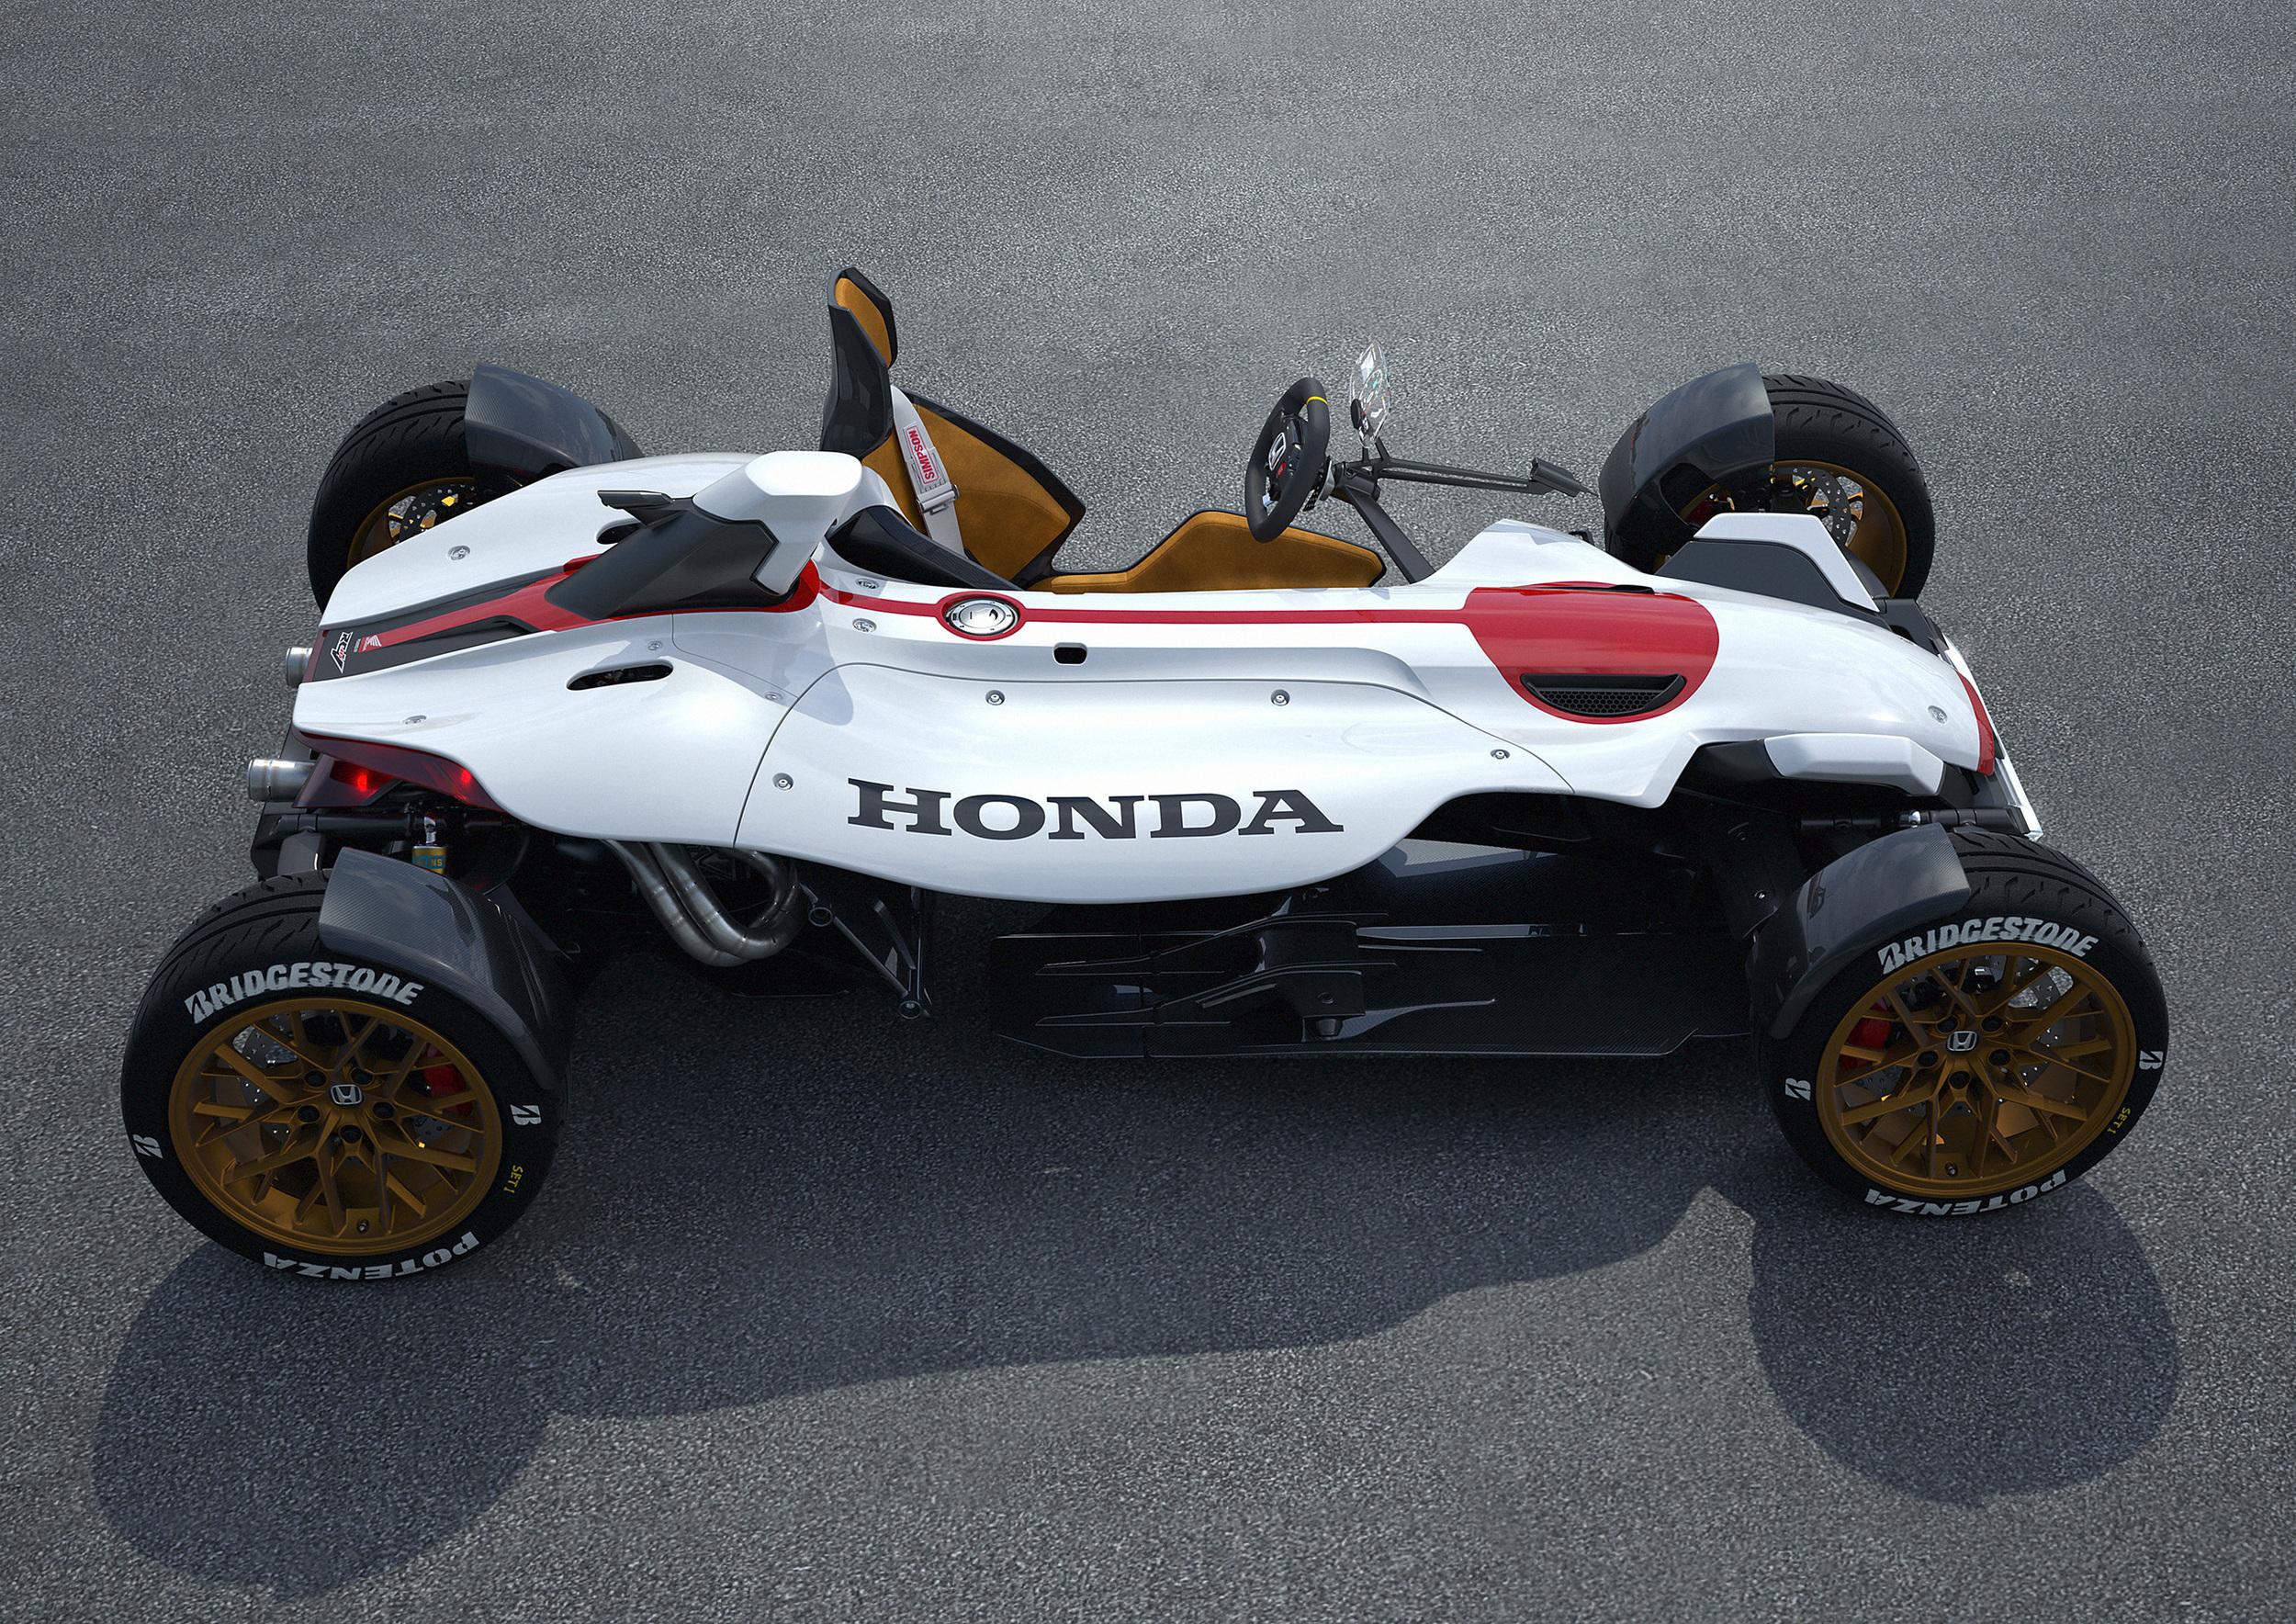 Honda unveils Project 2&4 concept